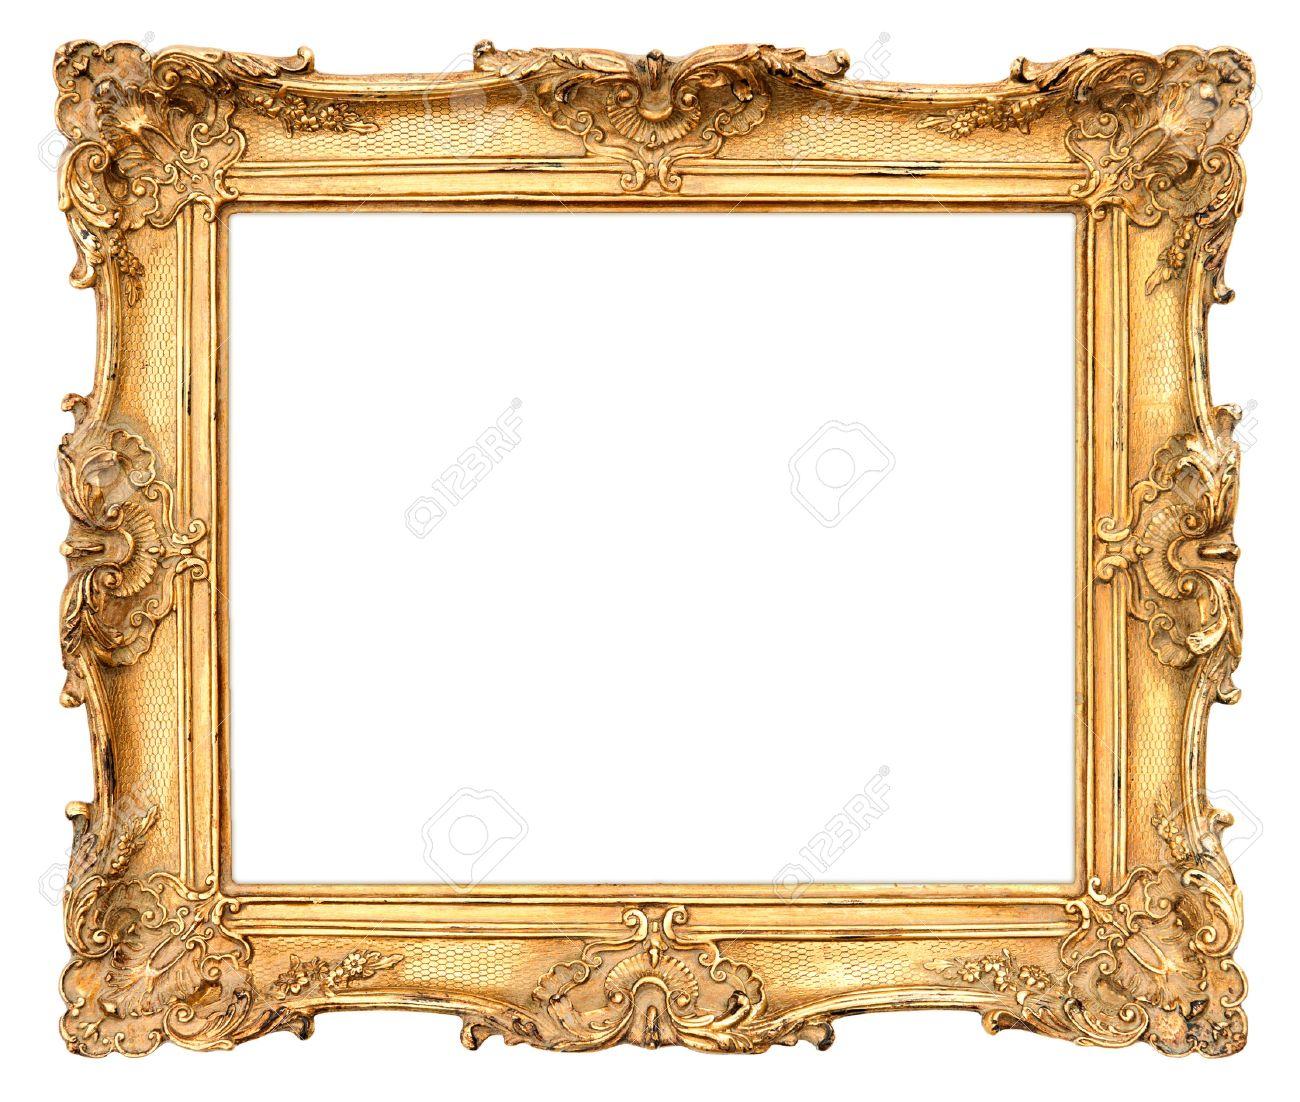 Alten Goldenen Rahmen Schönen Vintage-Hintergrund Lizenzfreie Fotos ...